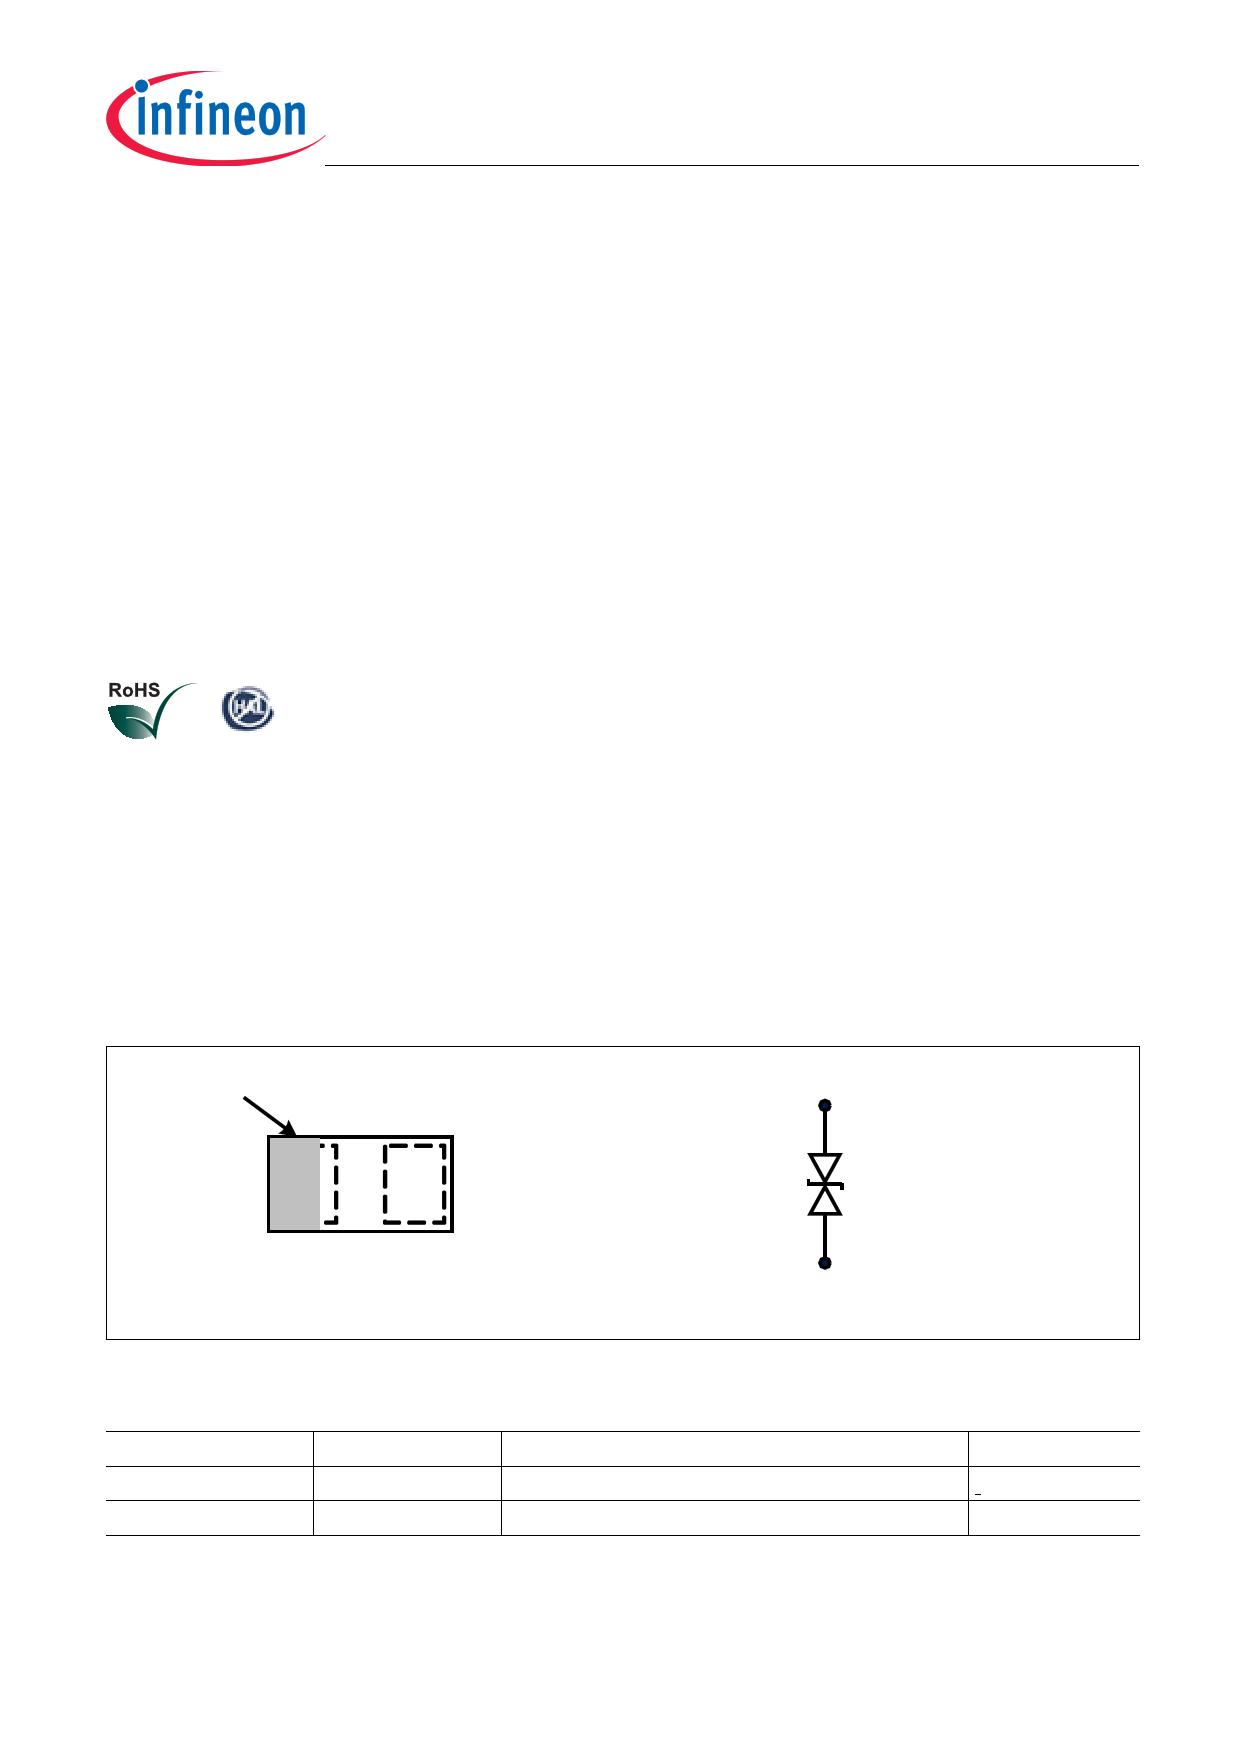 ESD205-B1 pdf, ピン配列